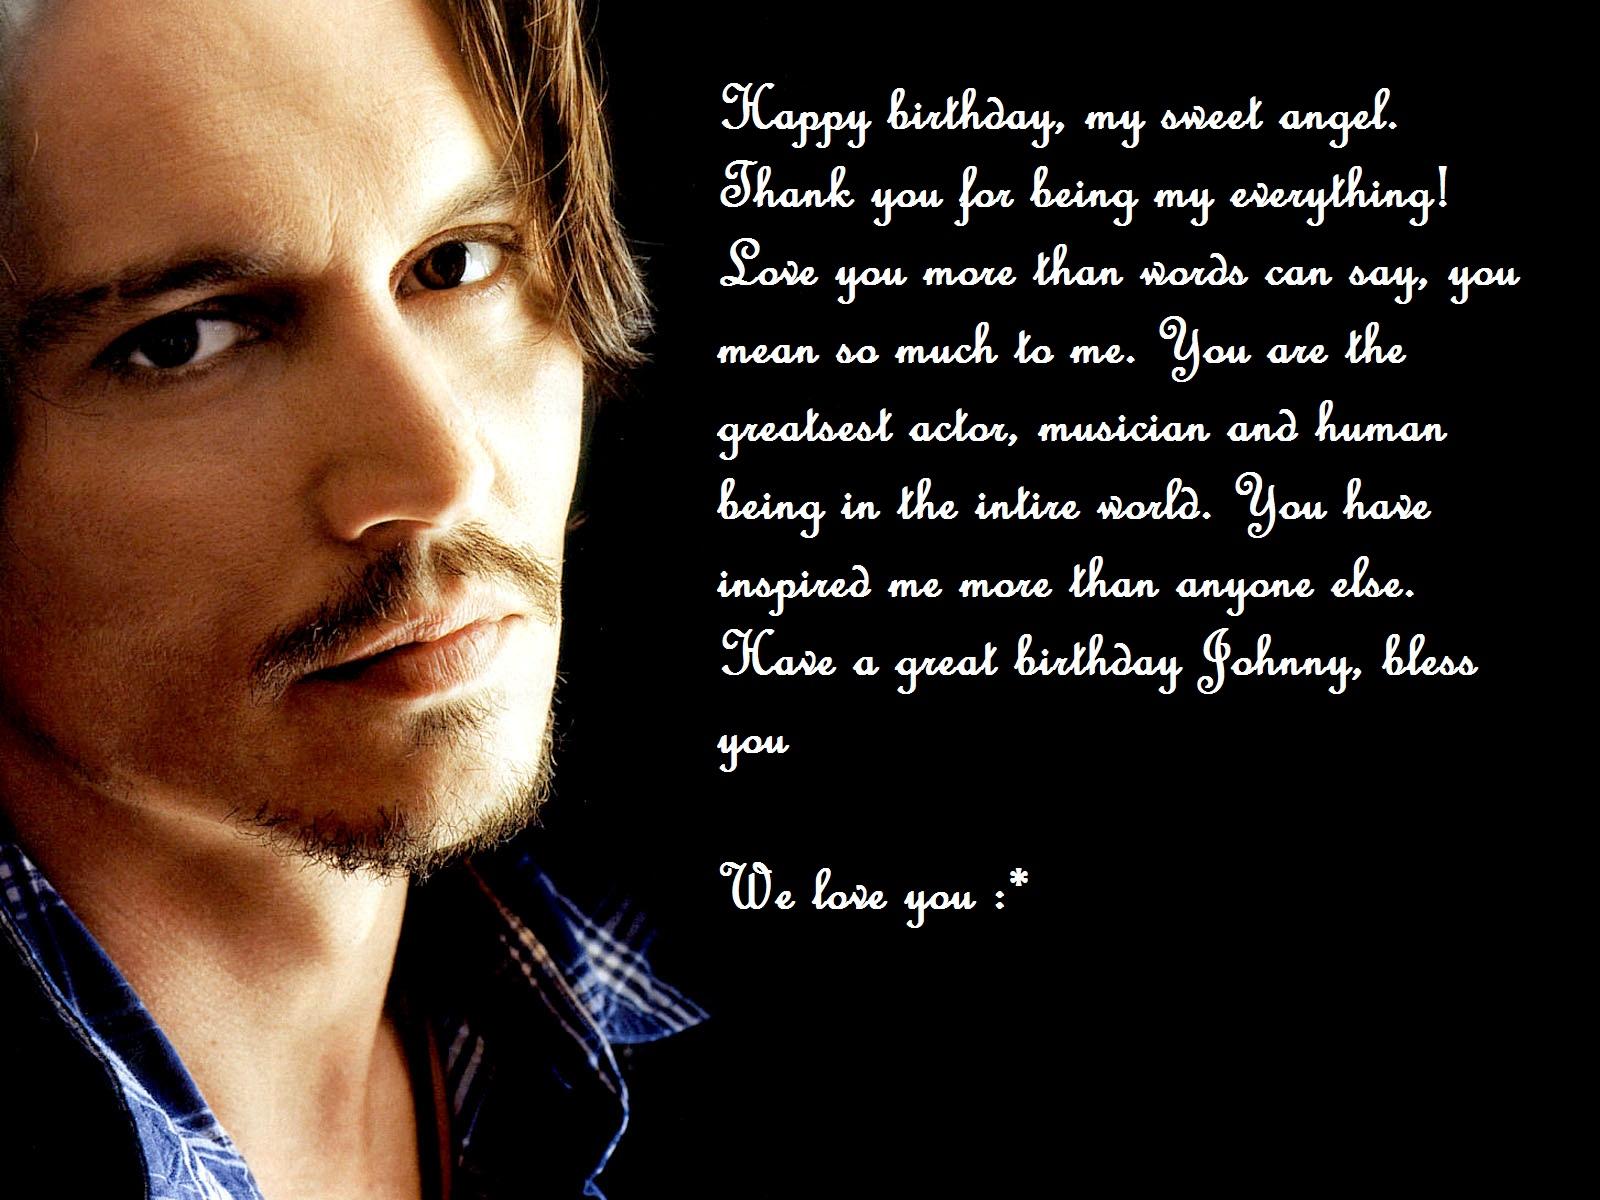 Happy-birthday-Johnny-johnny-depp-31079716-1600-1200